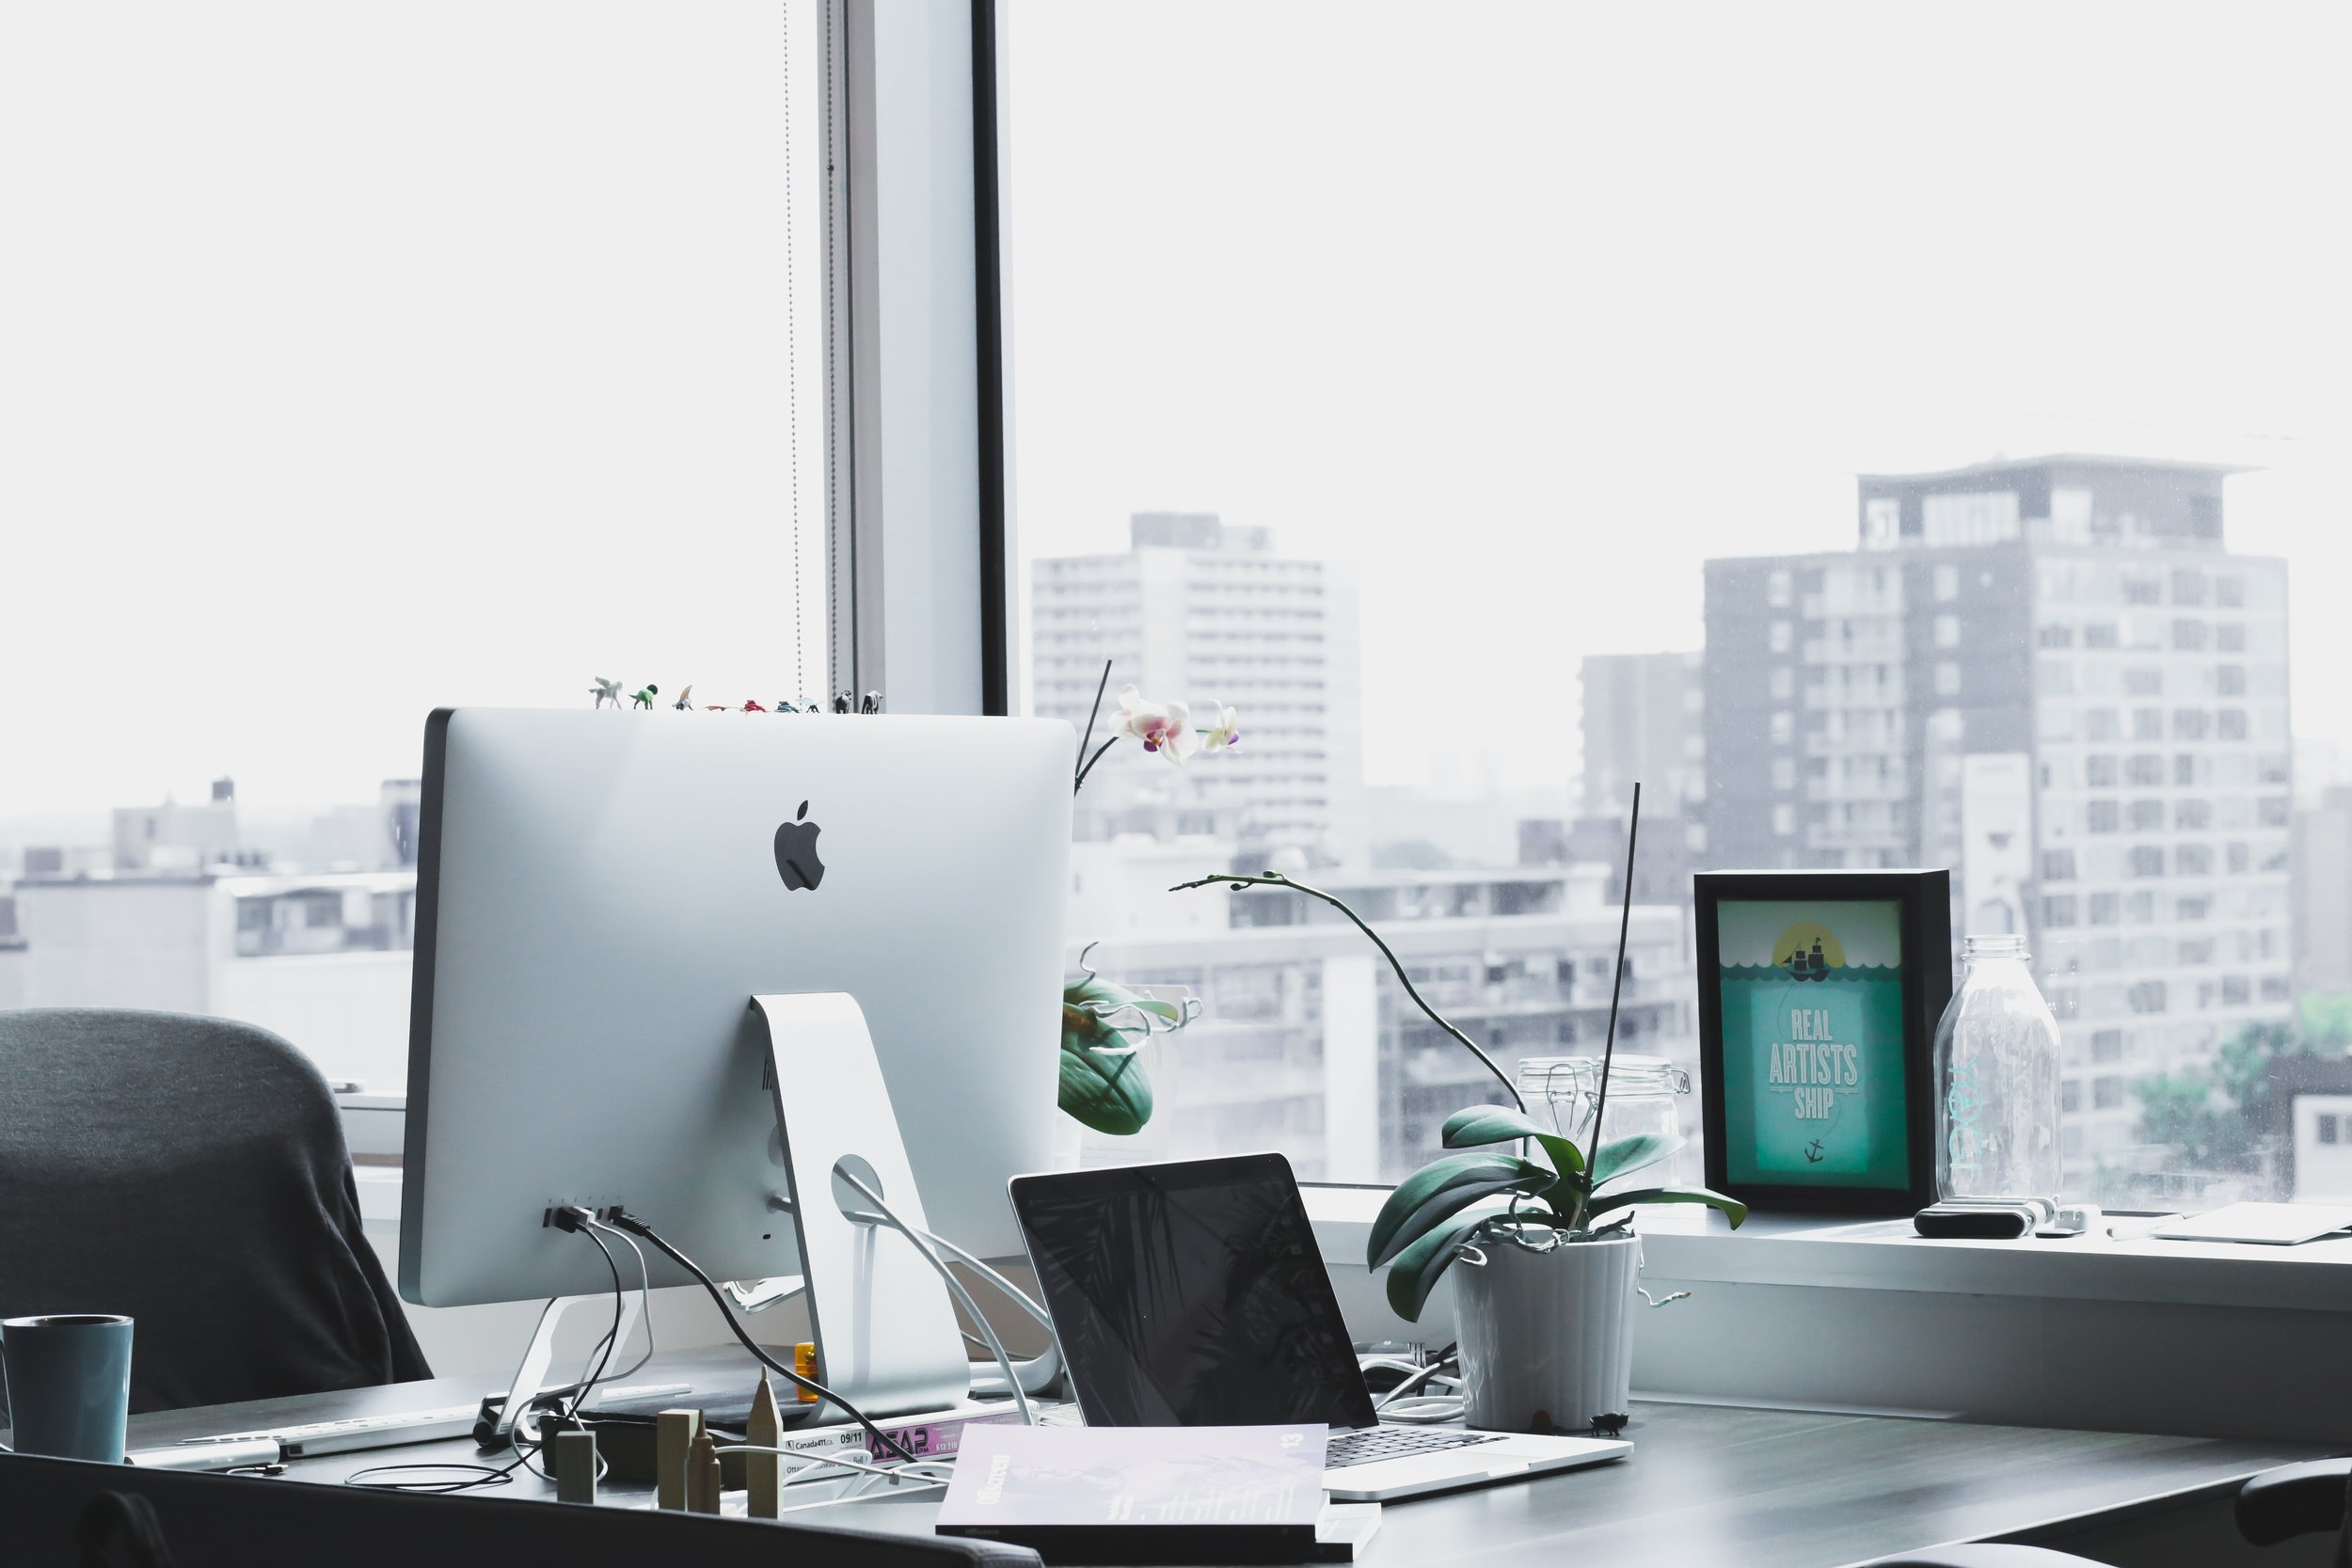 3.高度経営・管理分野  「高度専門職1号(ハ)」とも呼ばれる。 本邦の公私の機関において事業の経営を行い又は管理に従事する活動